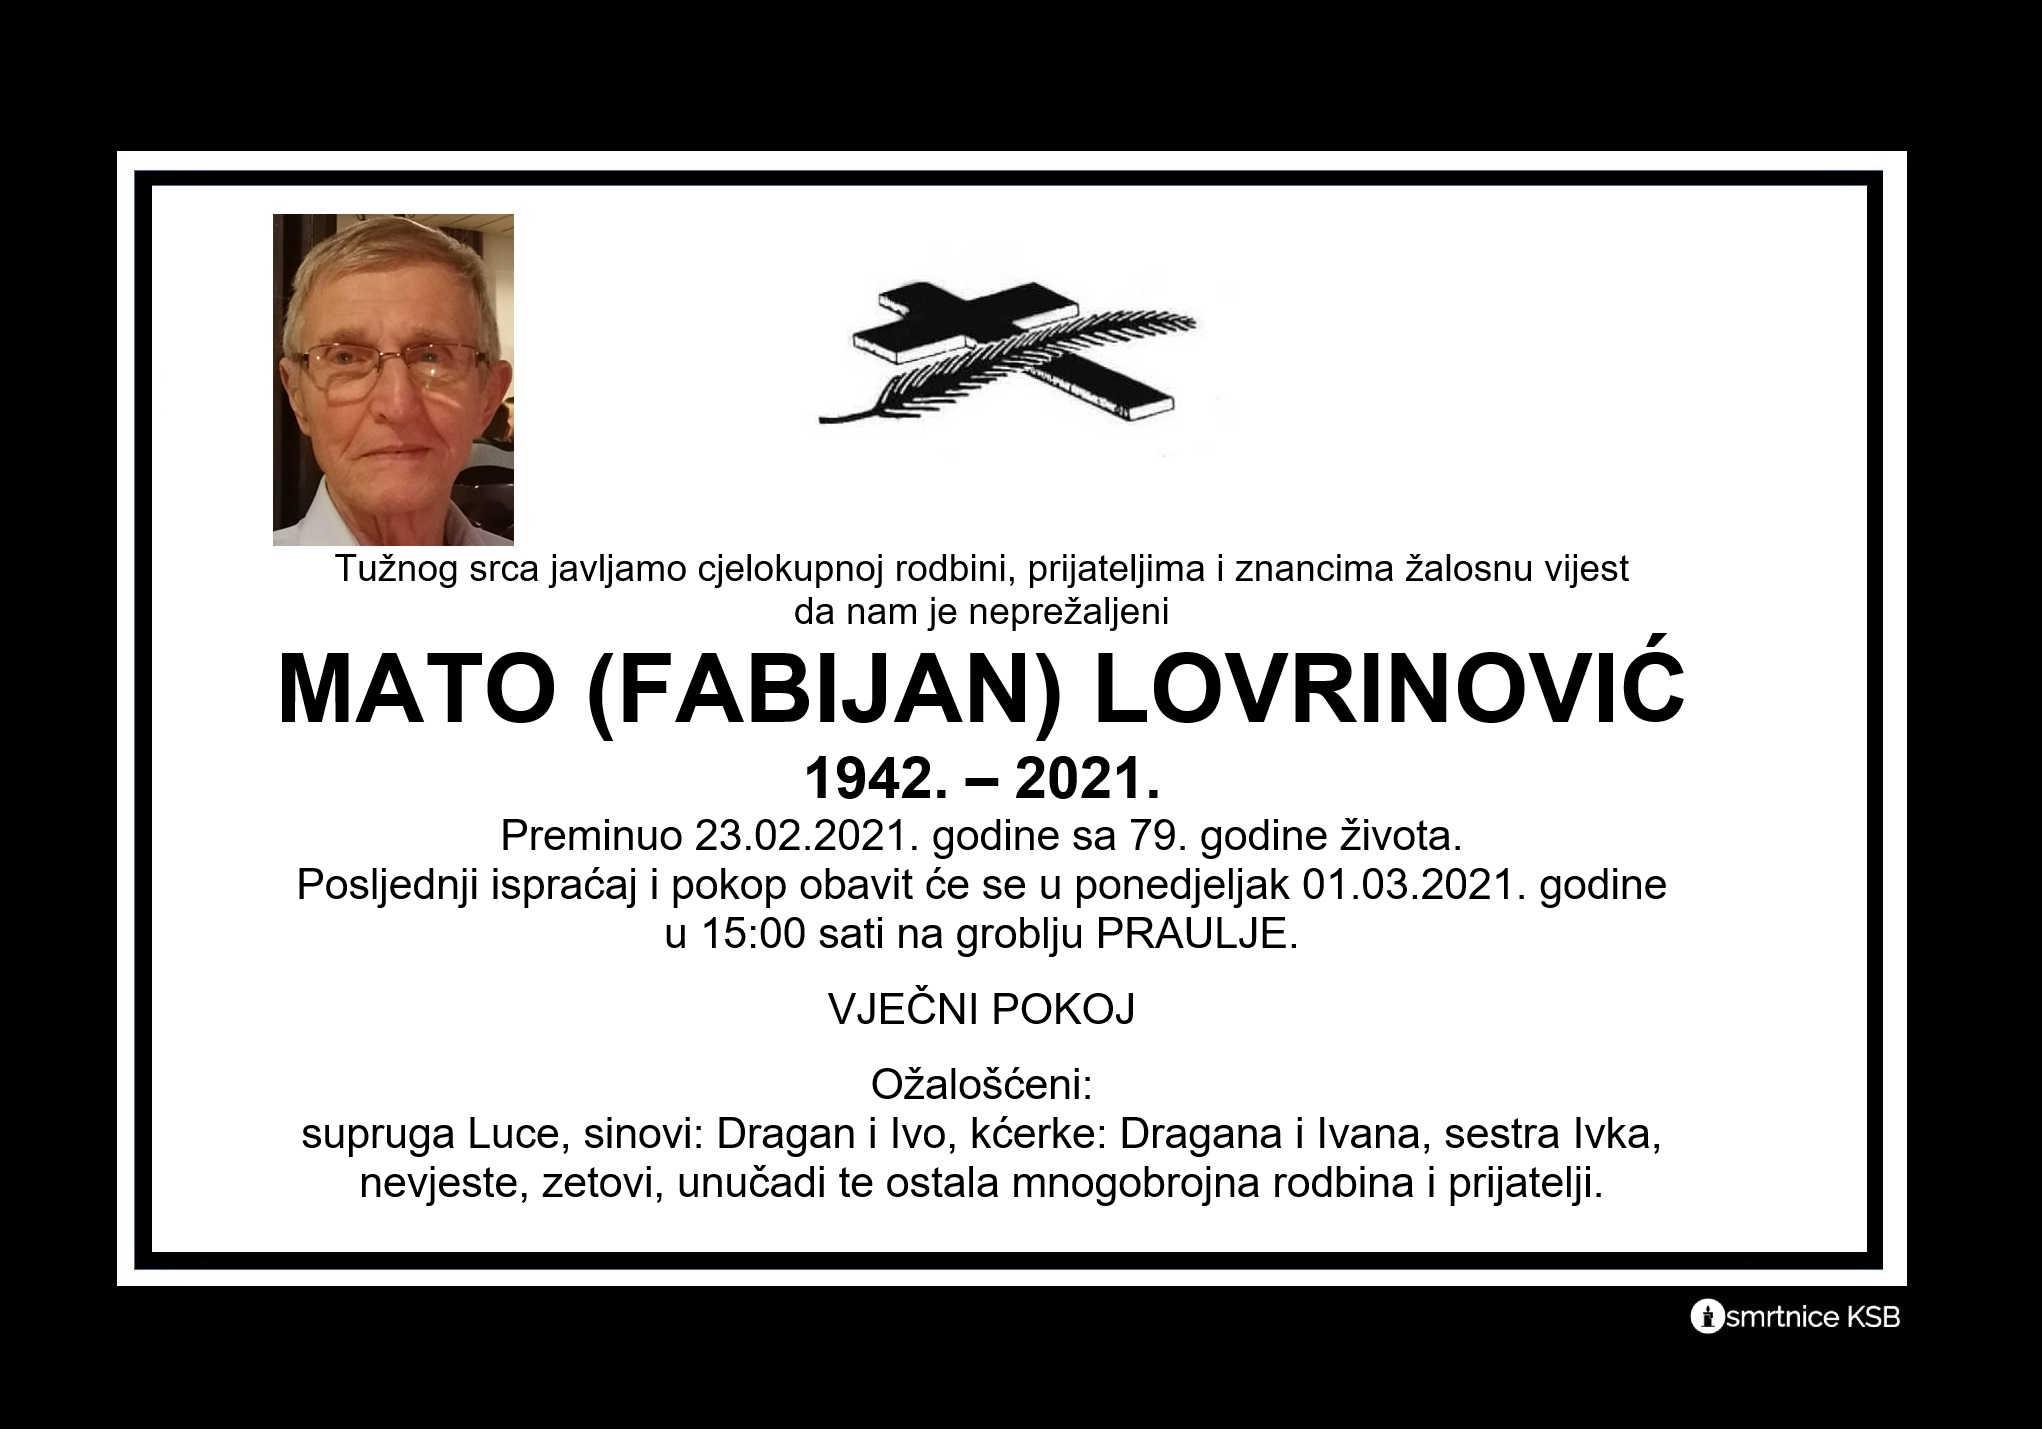 Mato (Fabijan) Lovrinović